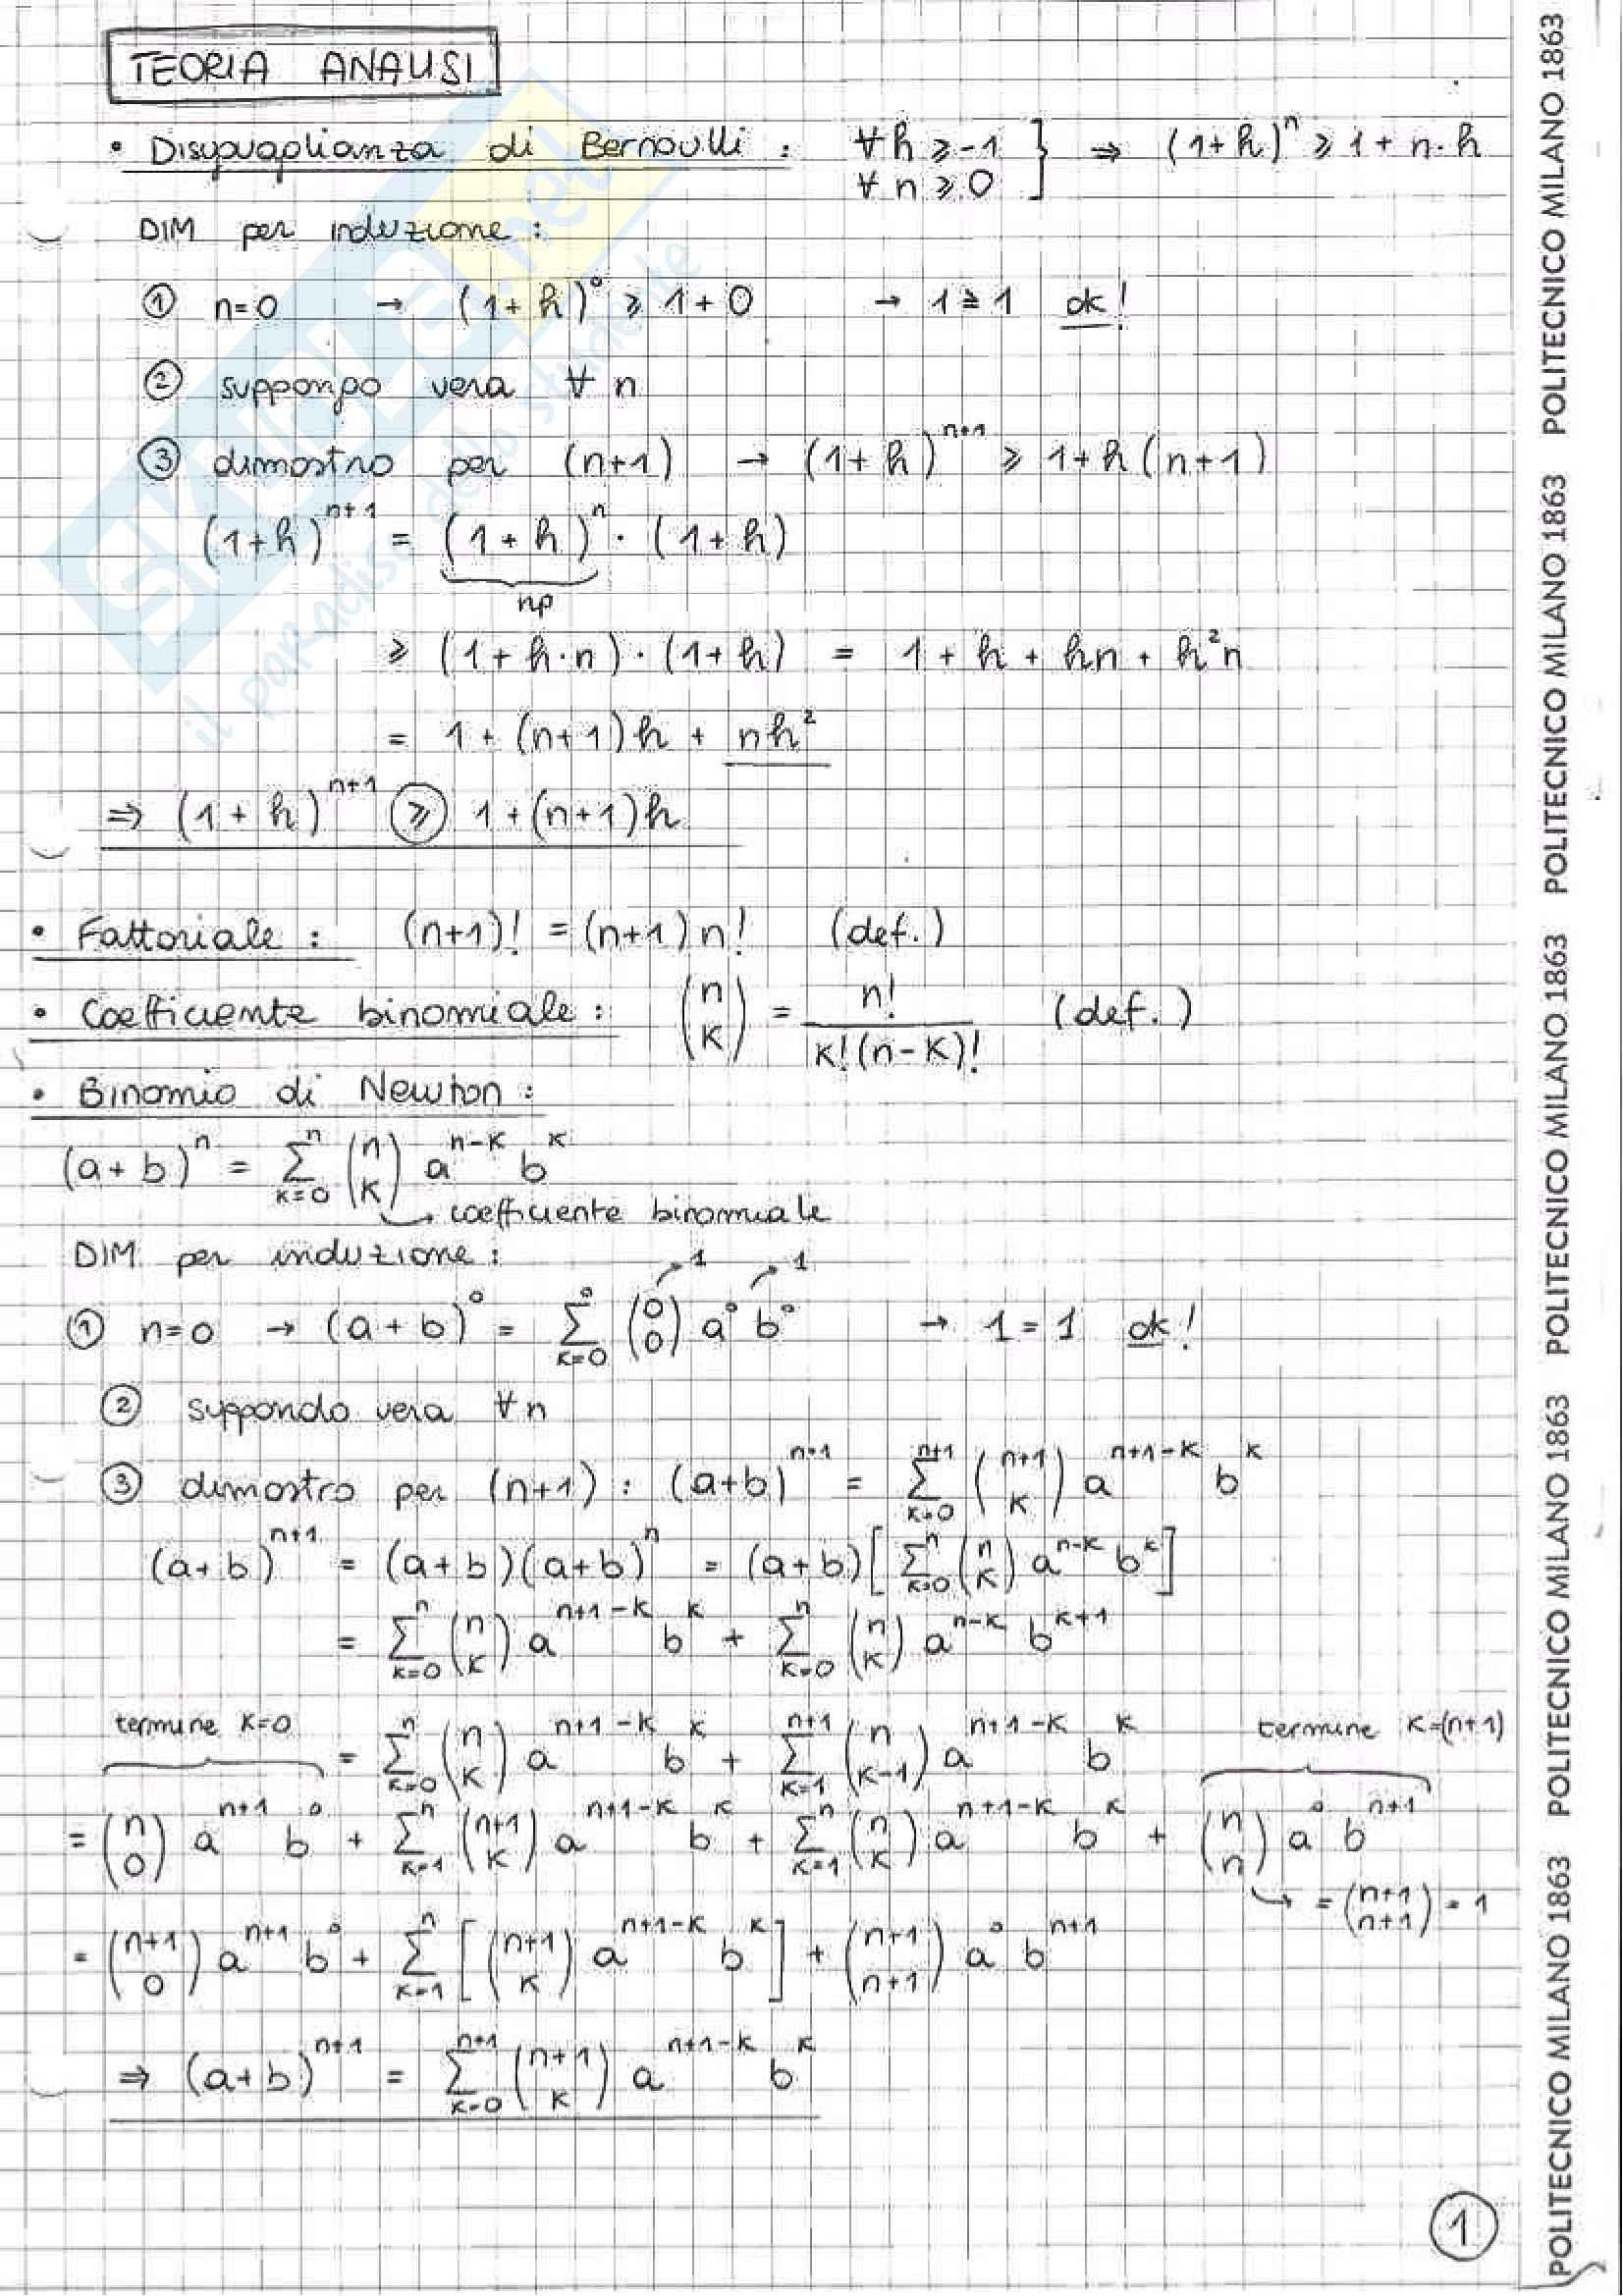 Appunti per passare l'esame di Analisi Matematica 1